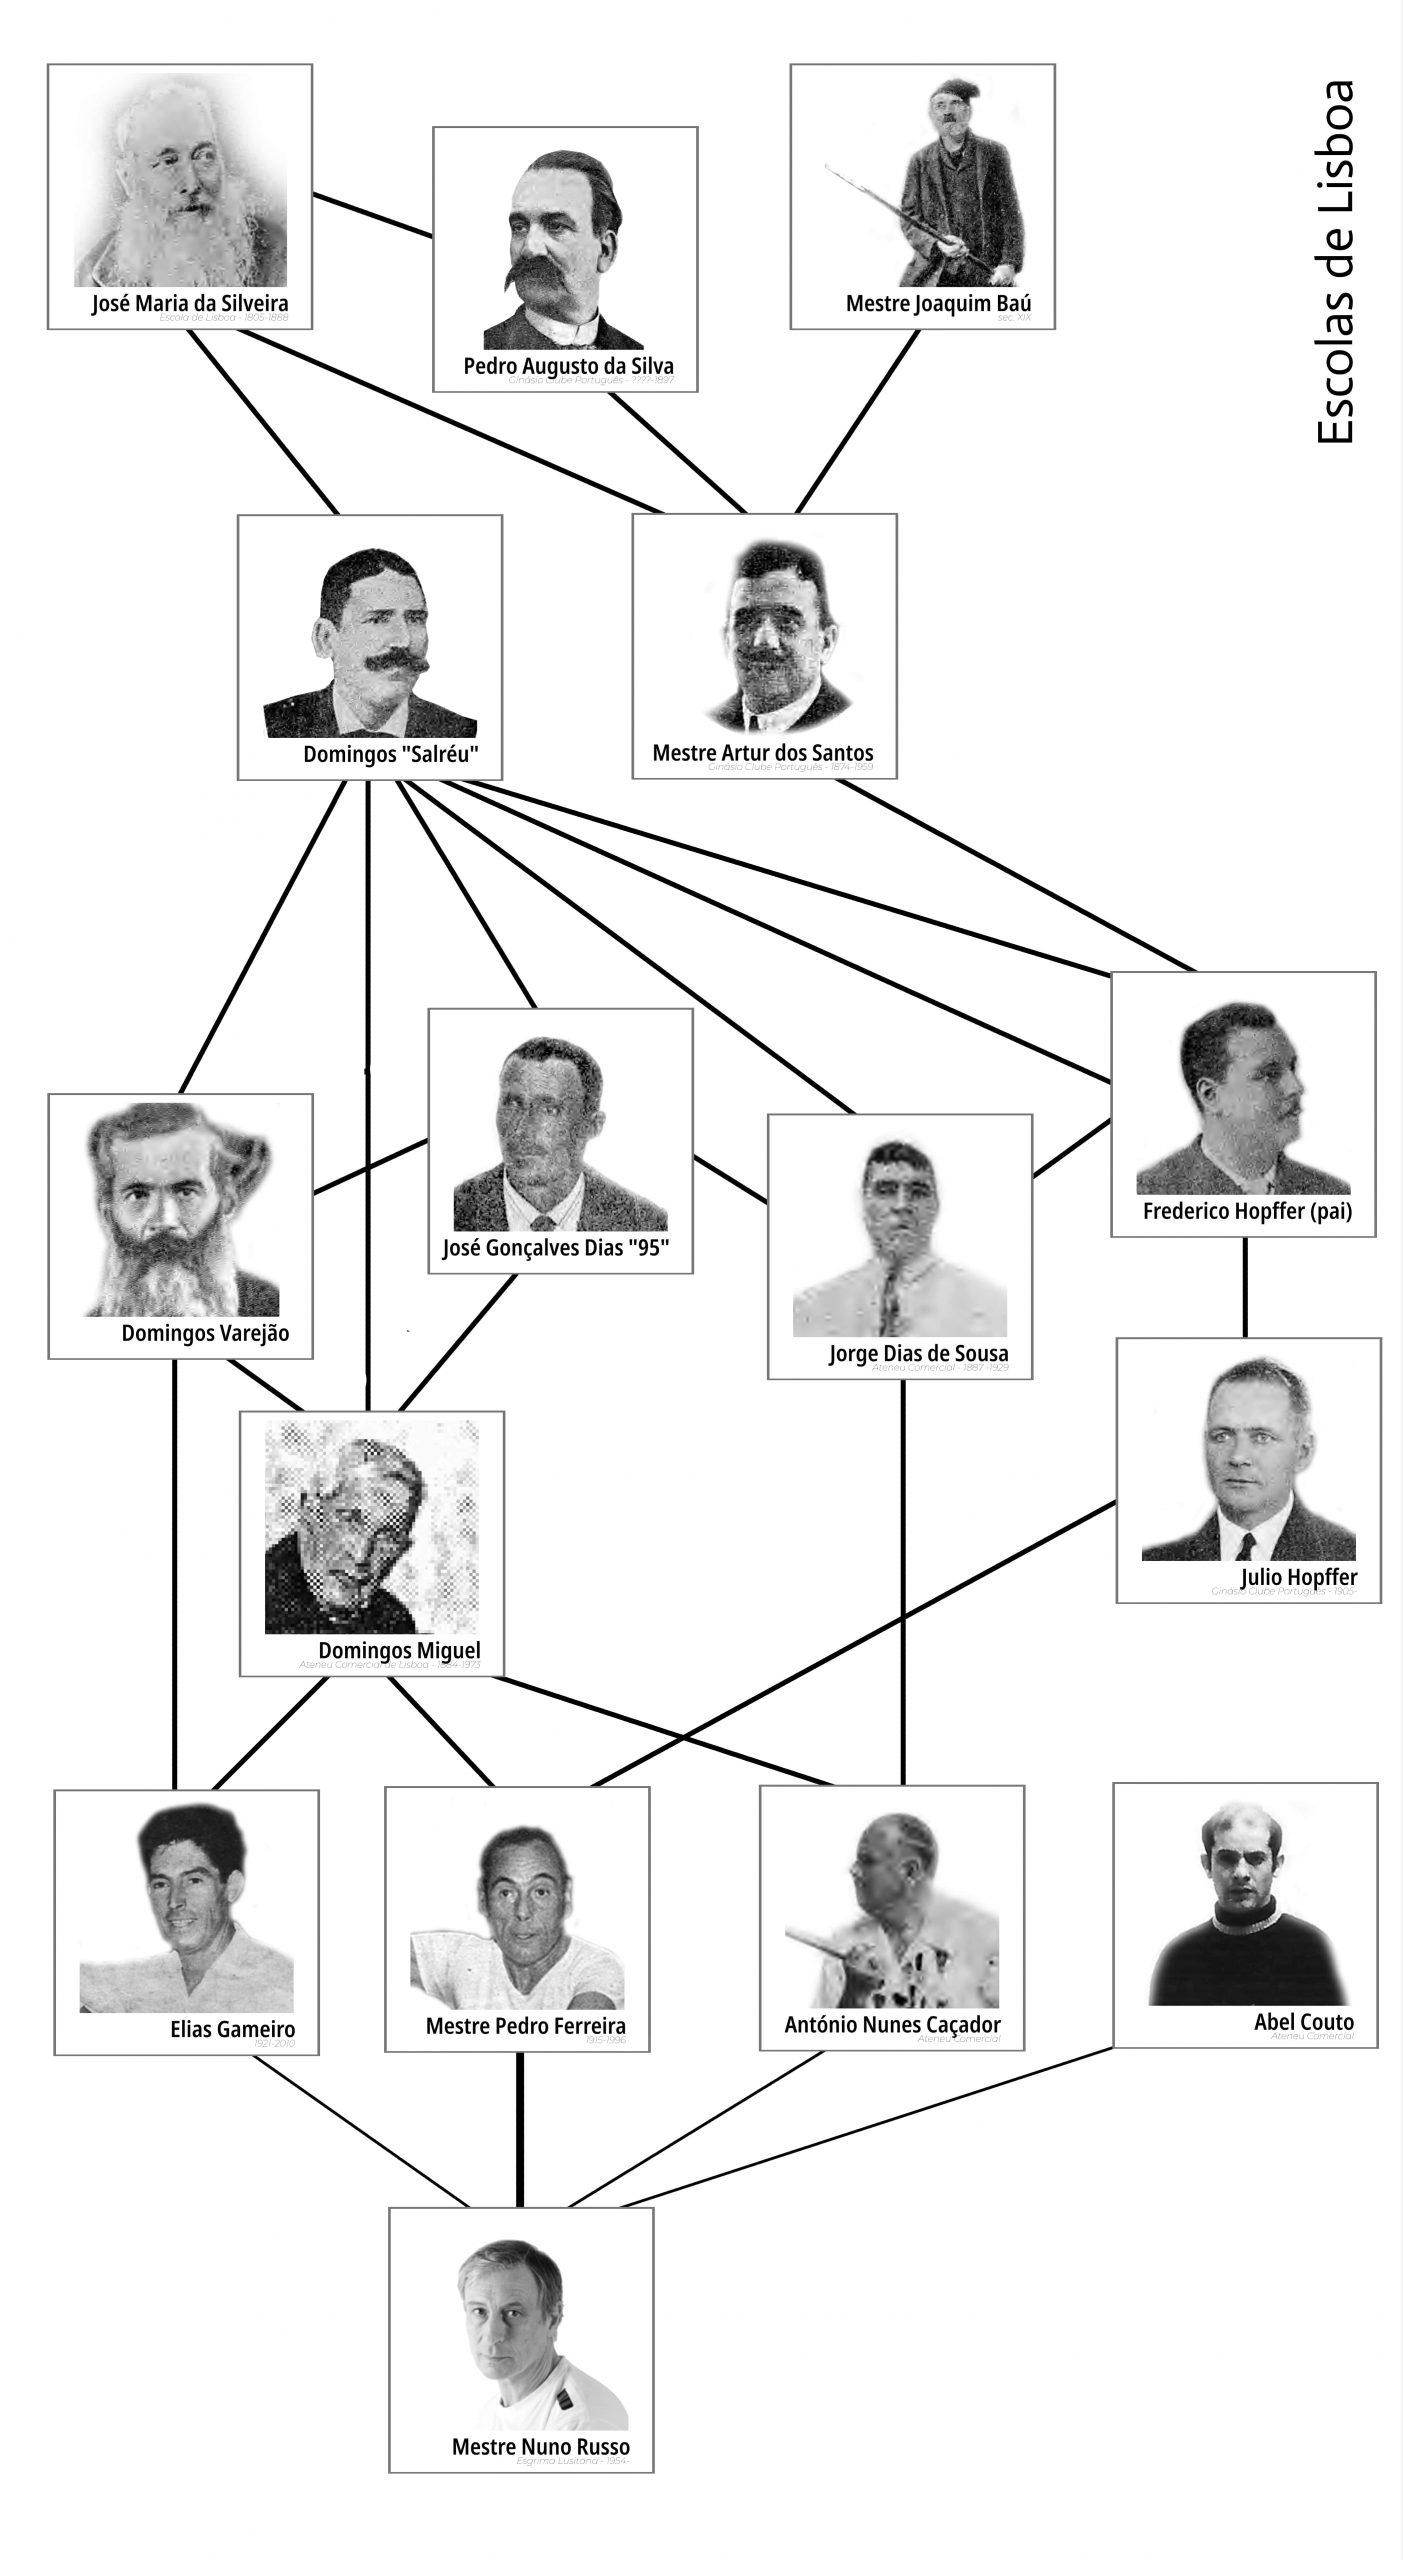 lista de mestres do jogo do pau da escola de lisboa